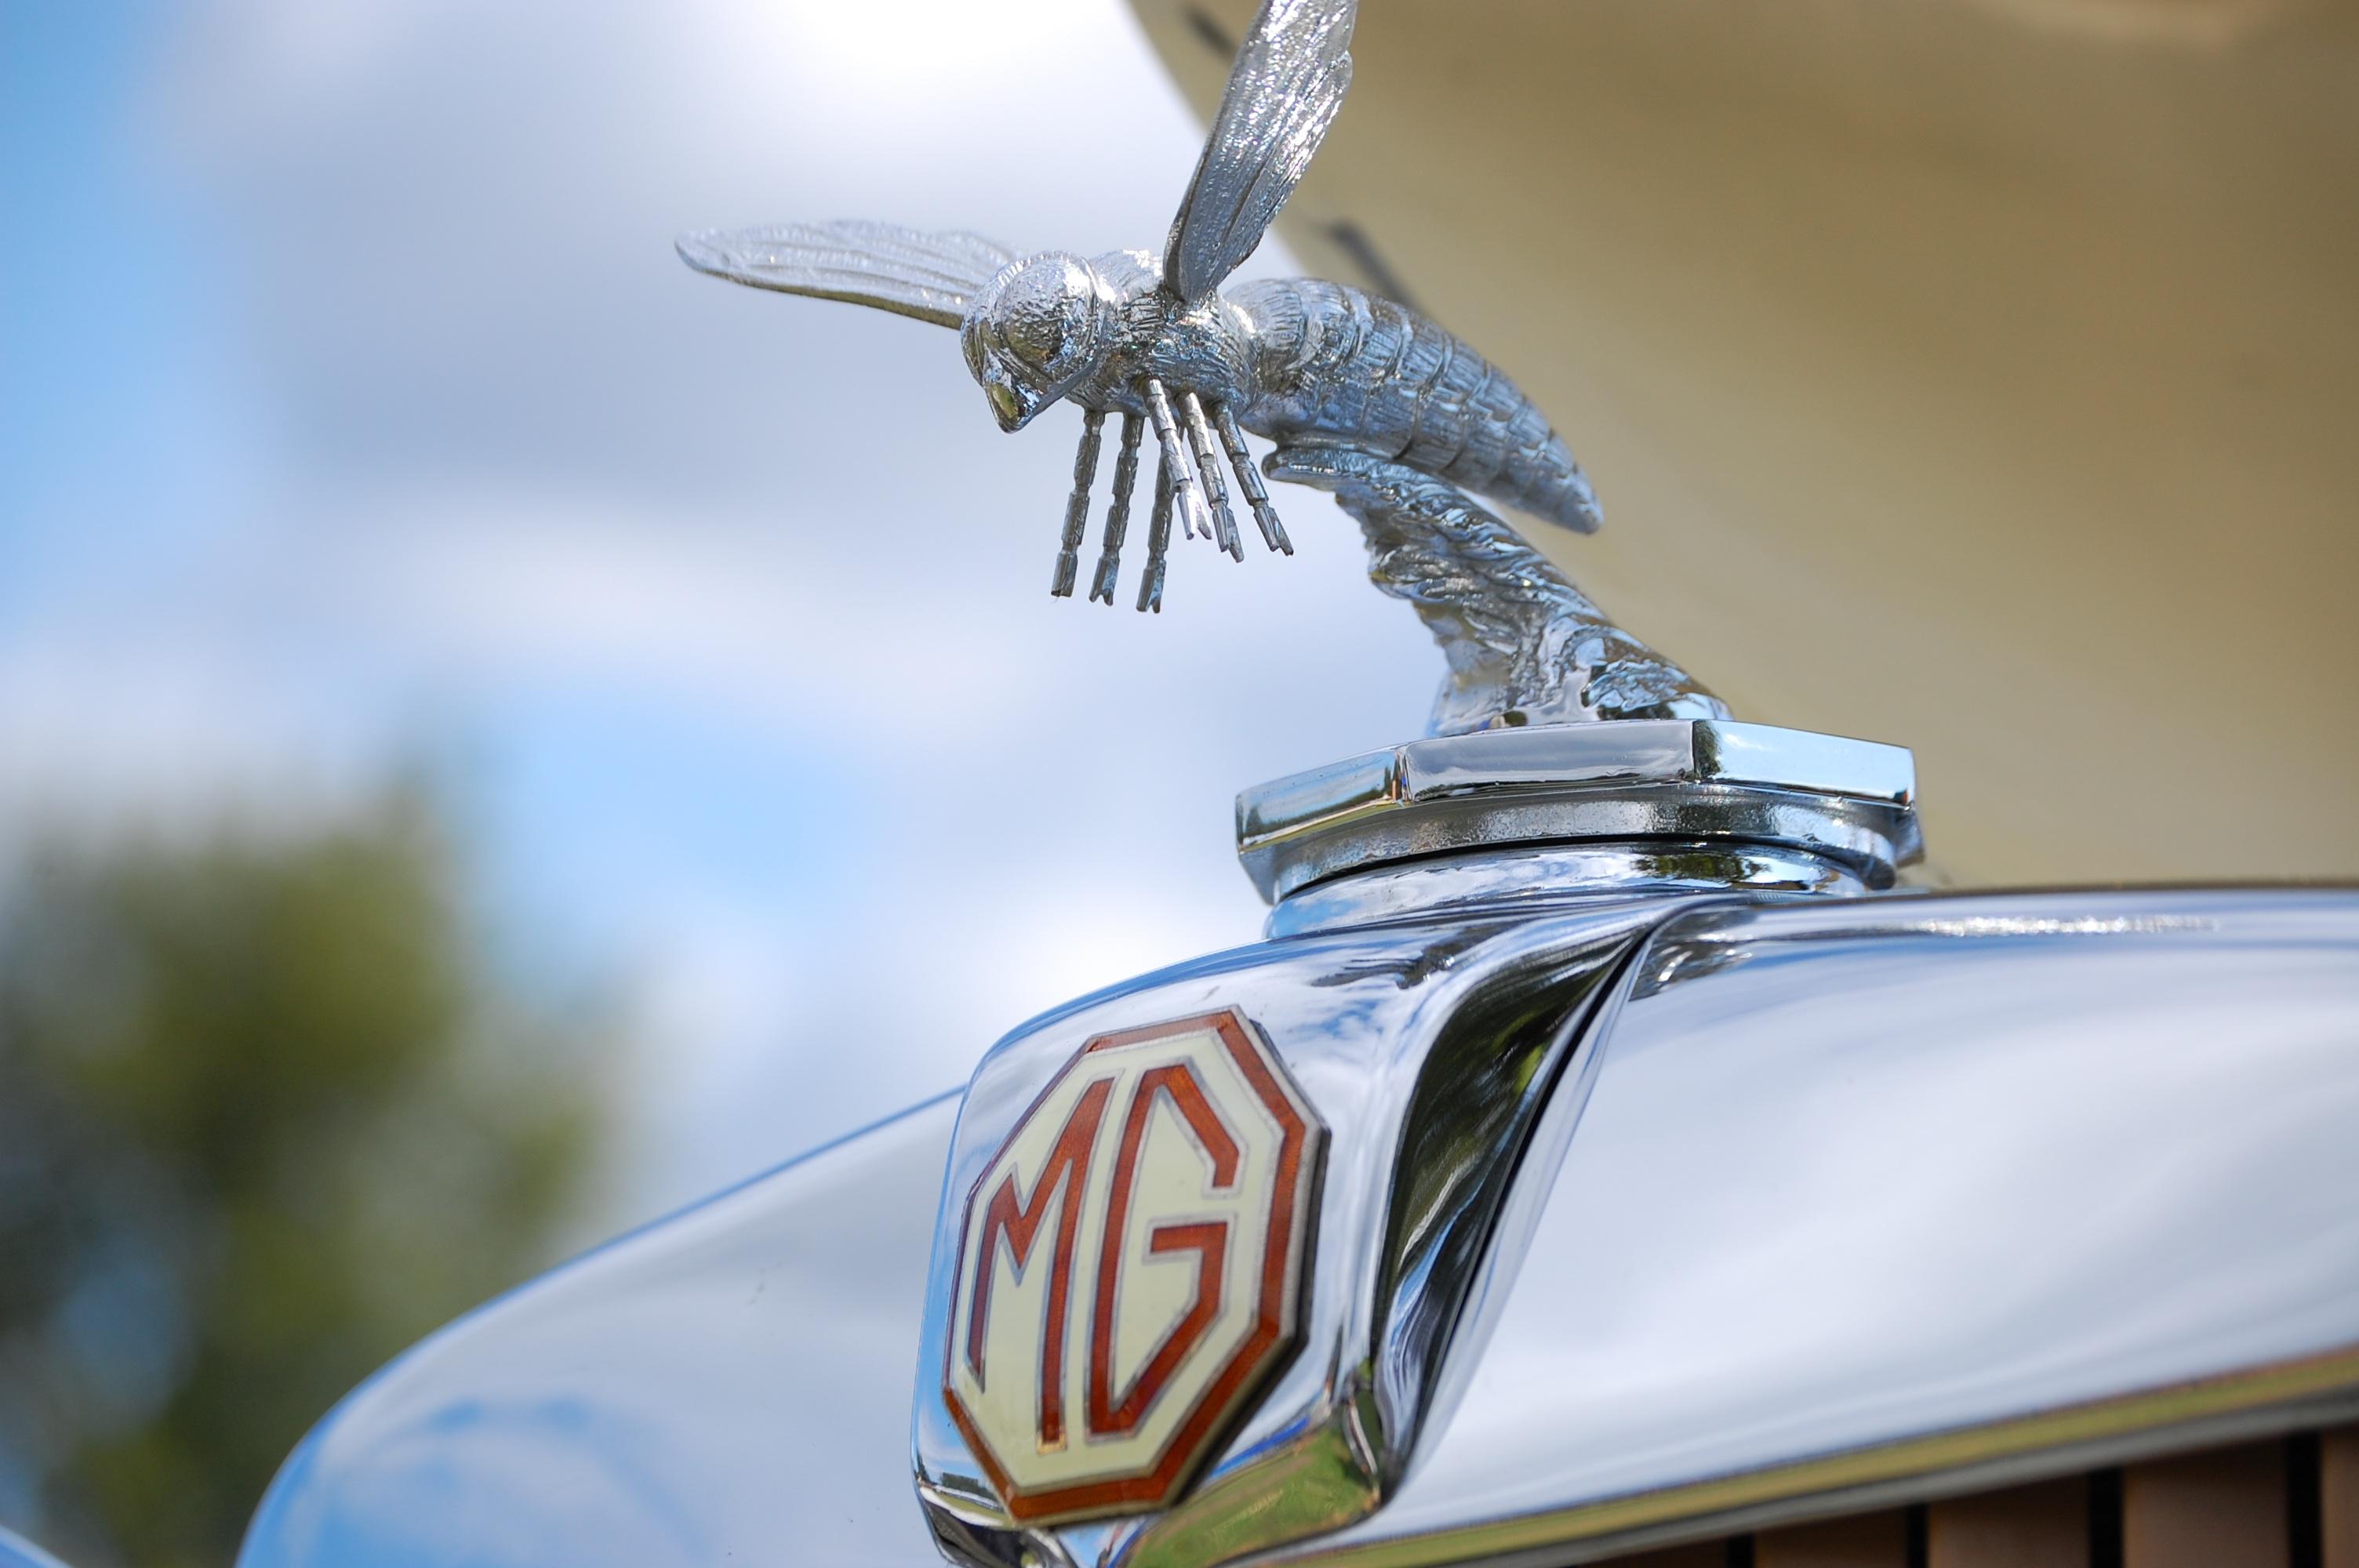 Free Images Wing Car Vintage Antique Automobile Vehicle Auto